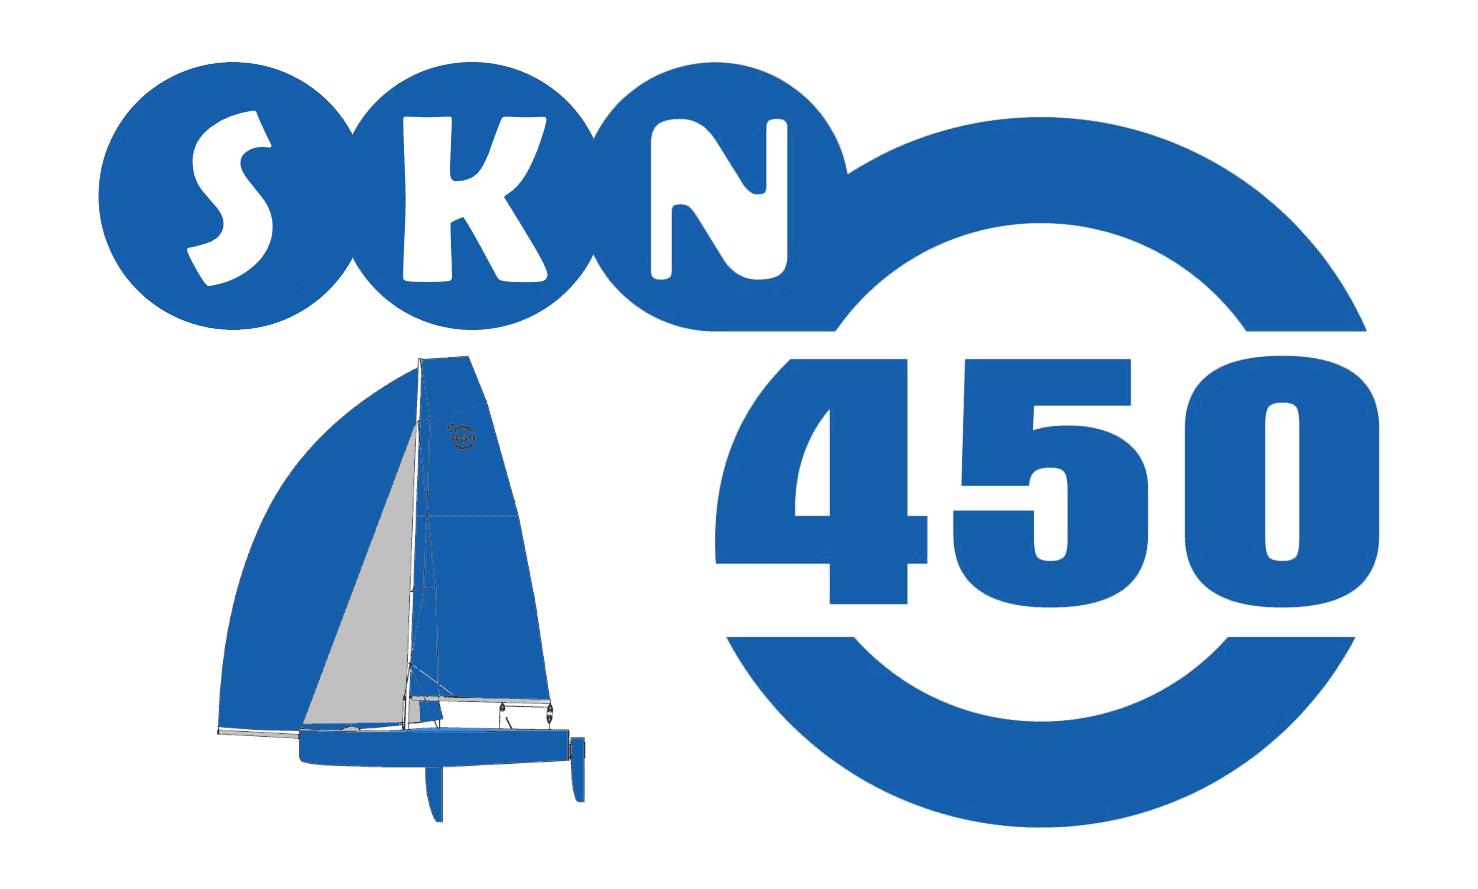 Powstanie Stowarzyszenia Klasy Nautica 450